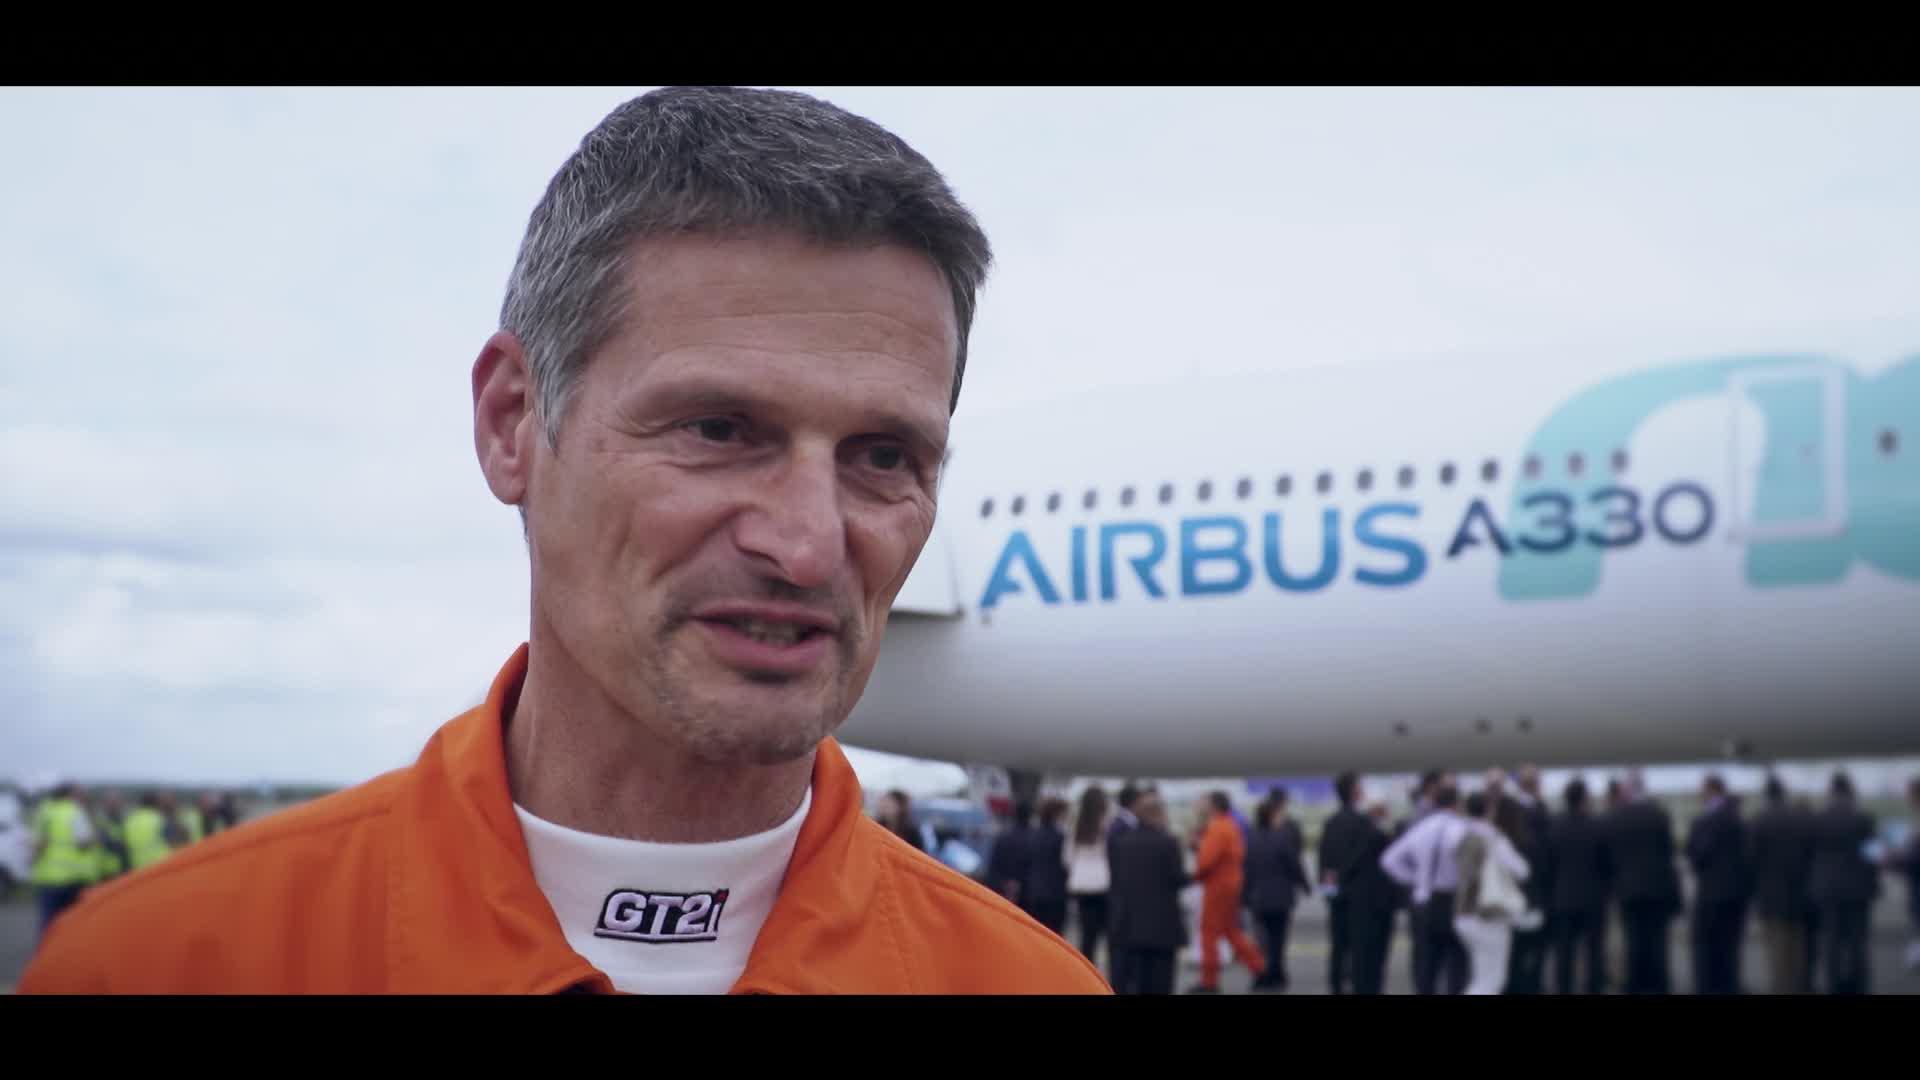 A330neo First Flight interviews